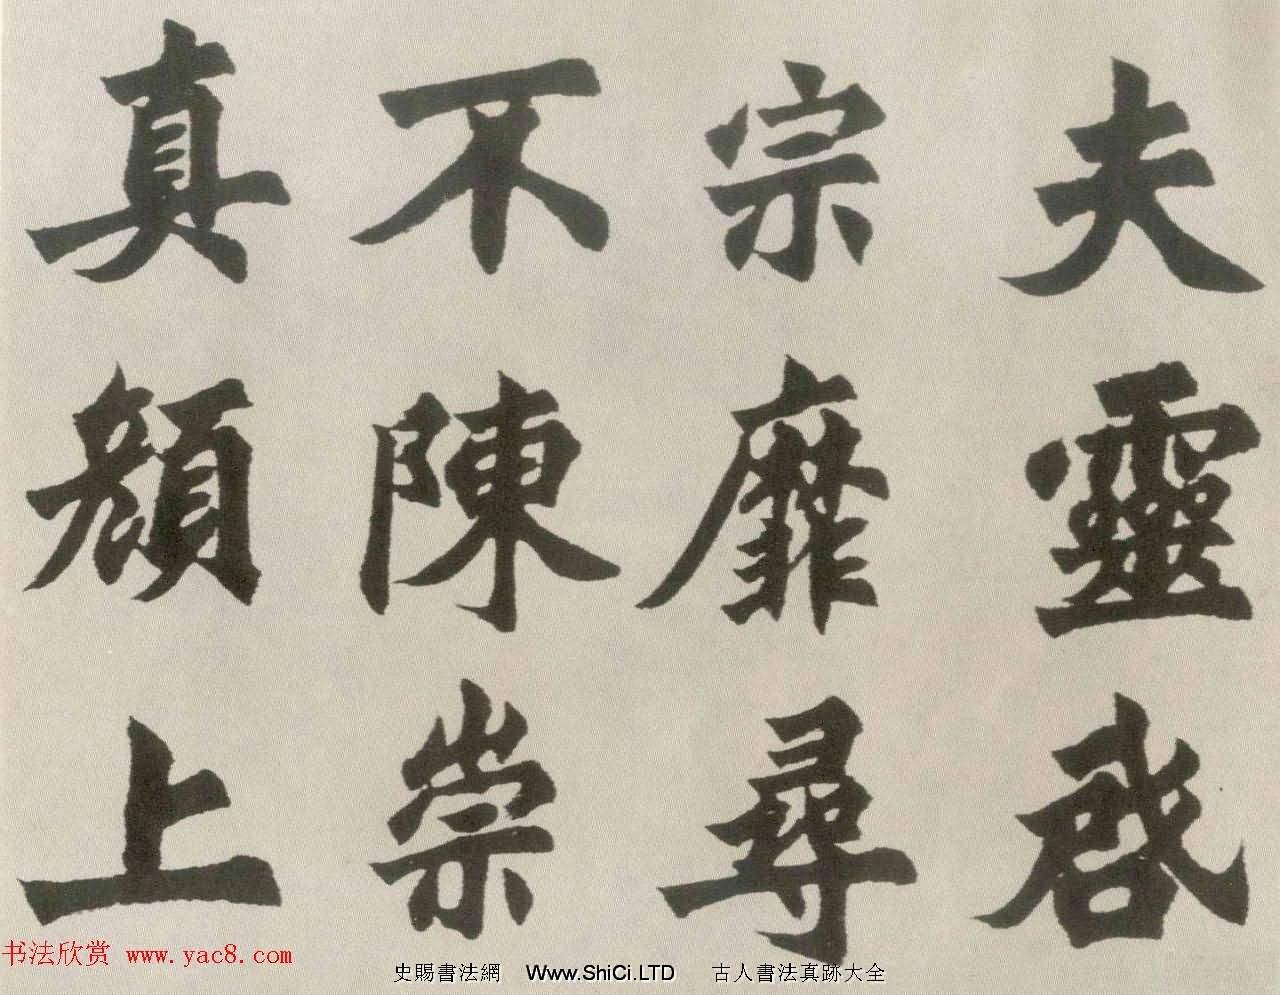 胡問遂楷書臨魏碑三種(共35張圖片)